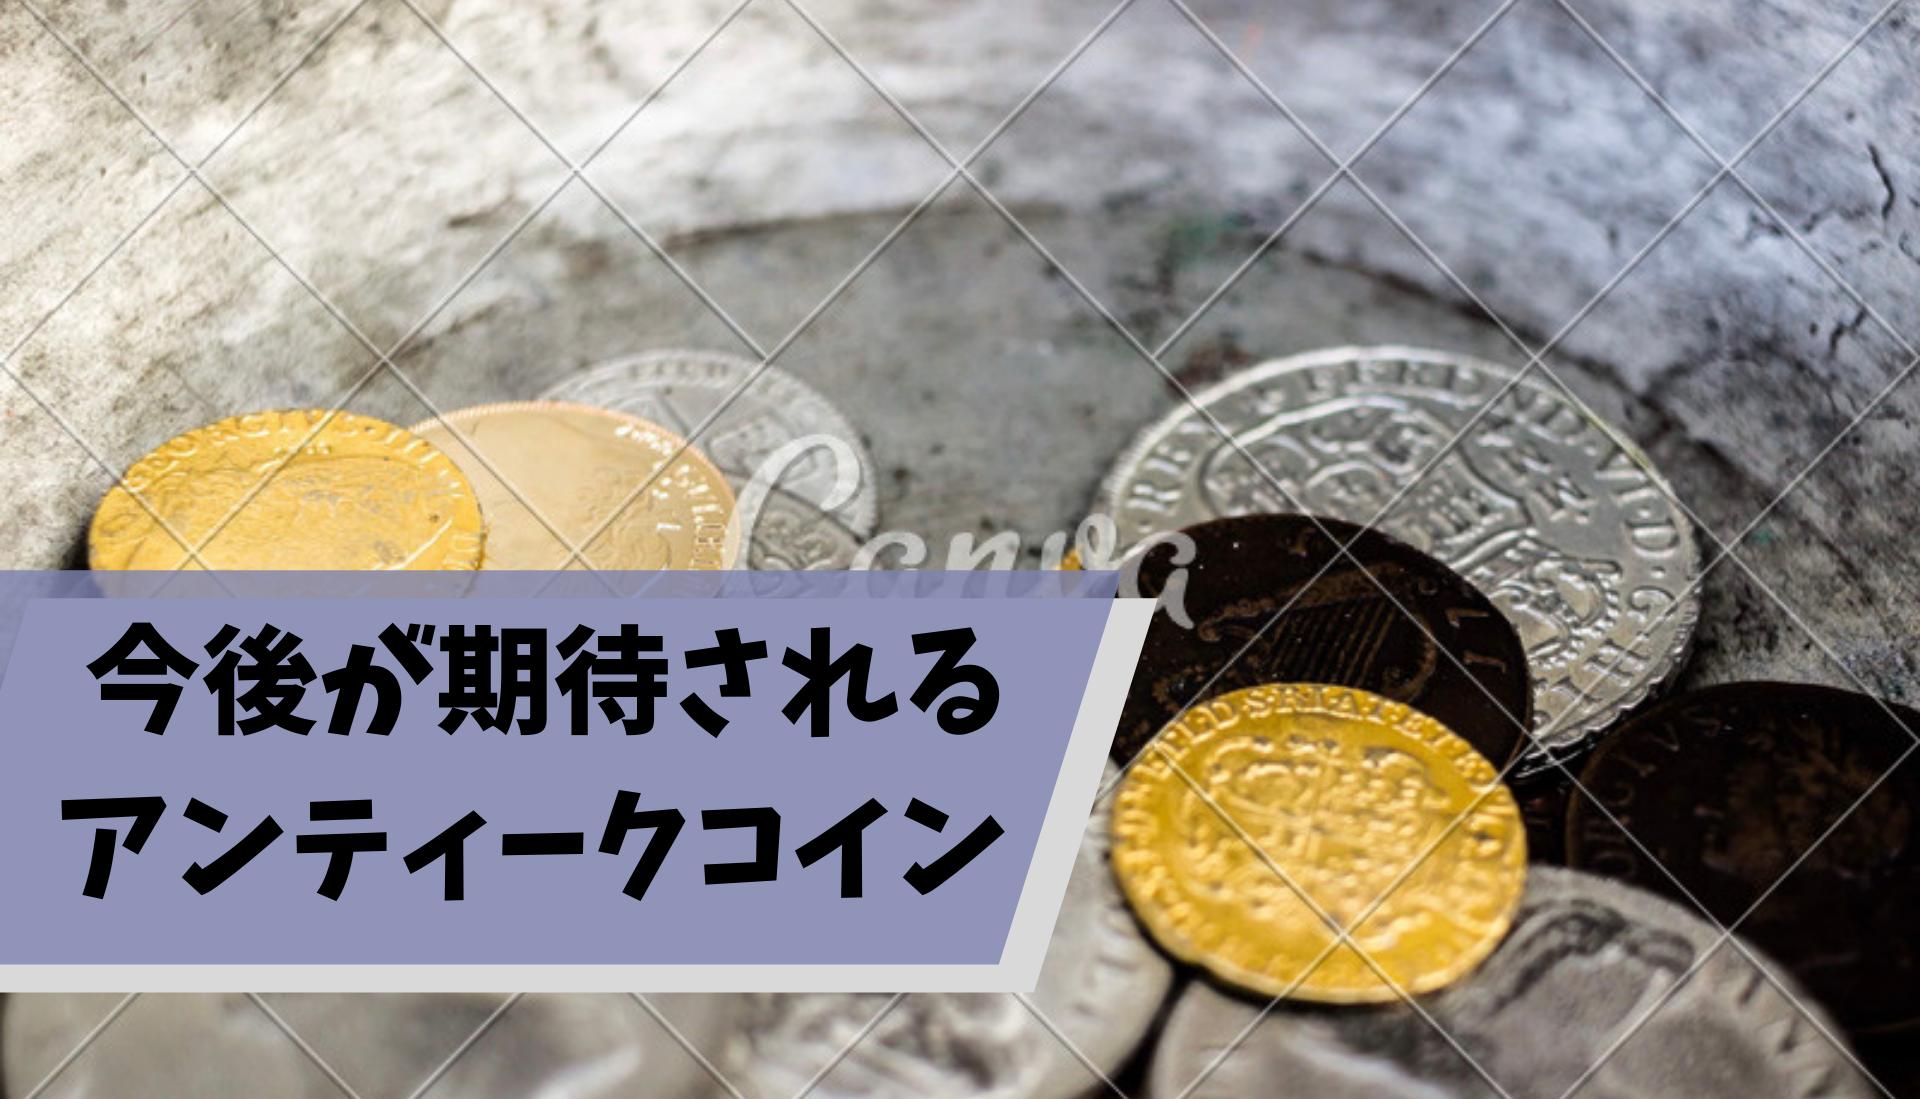 アンティークコイン_今後_期待できるアンティークコイン